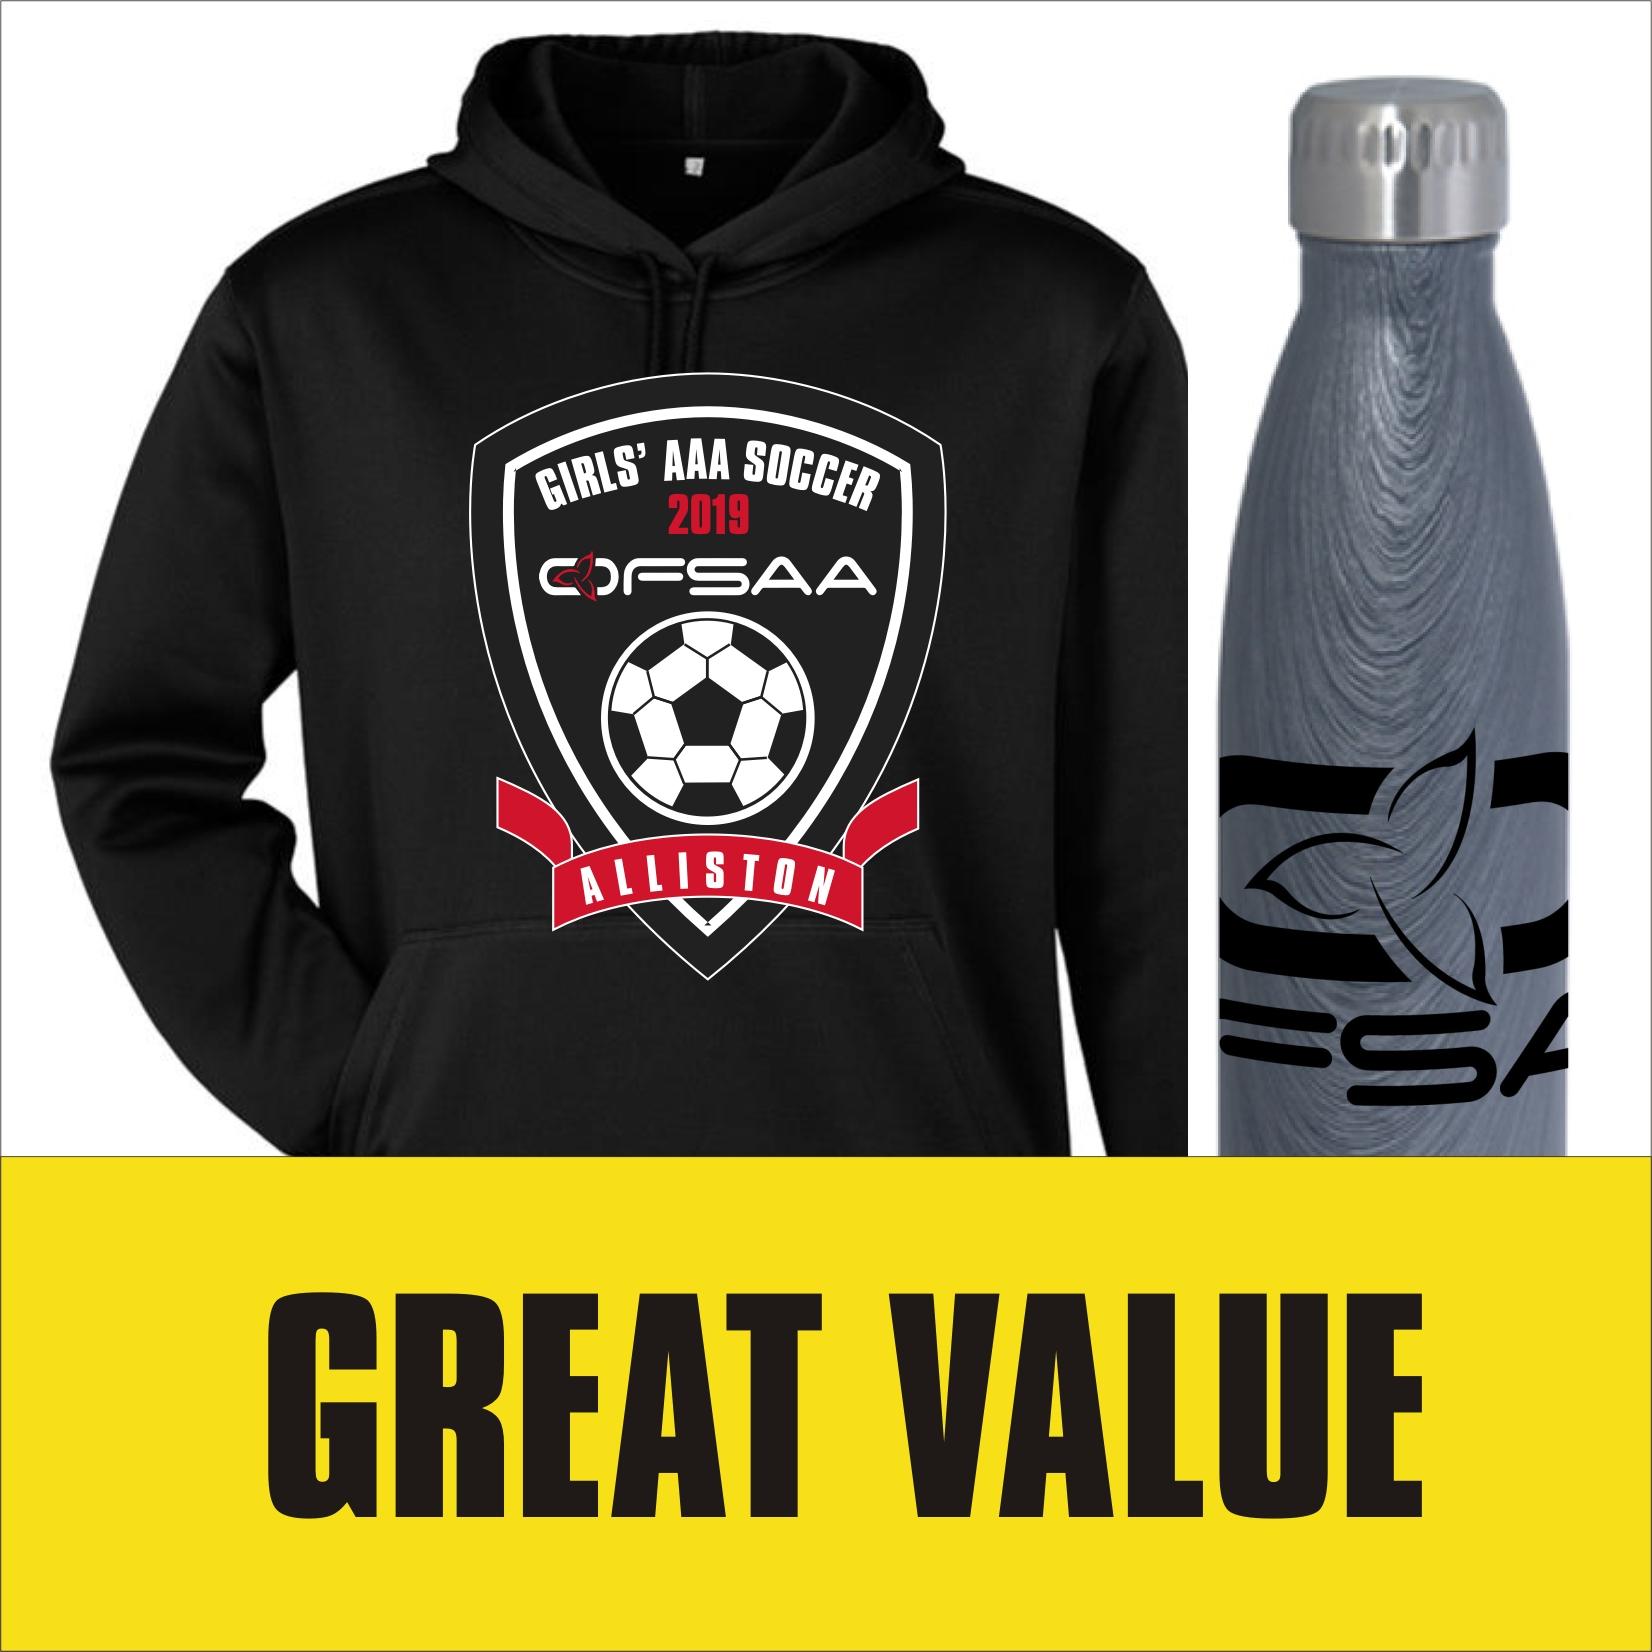 2019 Girls AAA Soccer bottle bundle.jpg